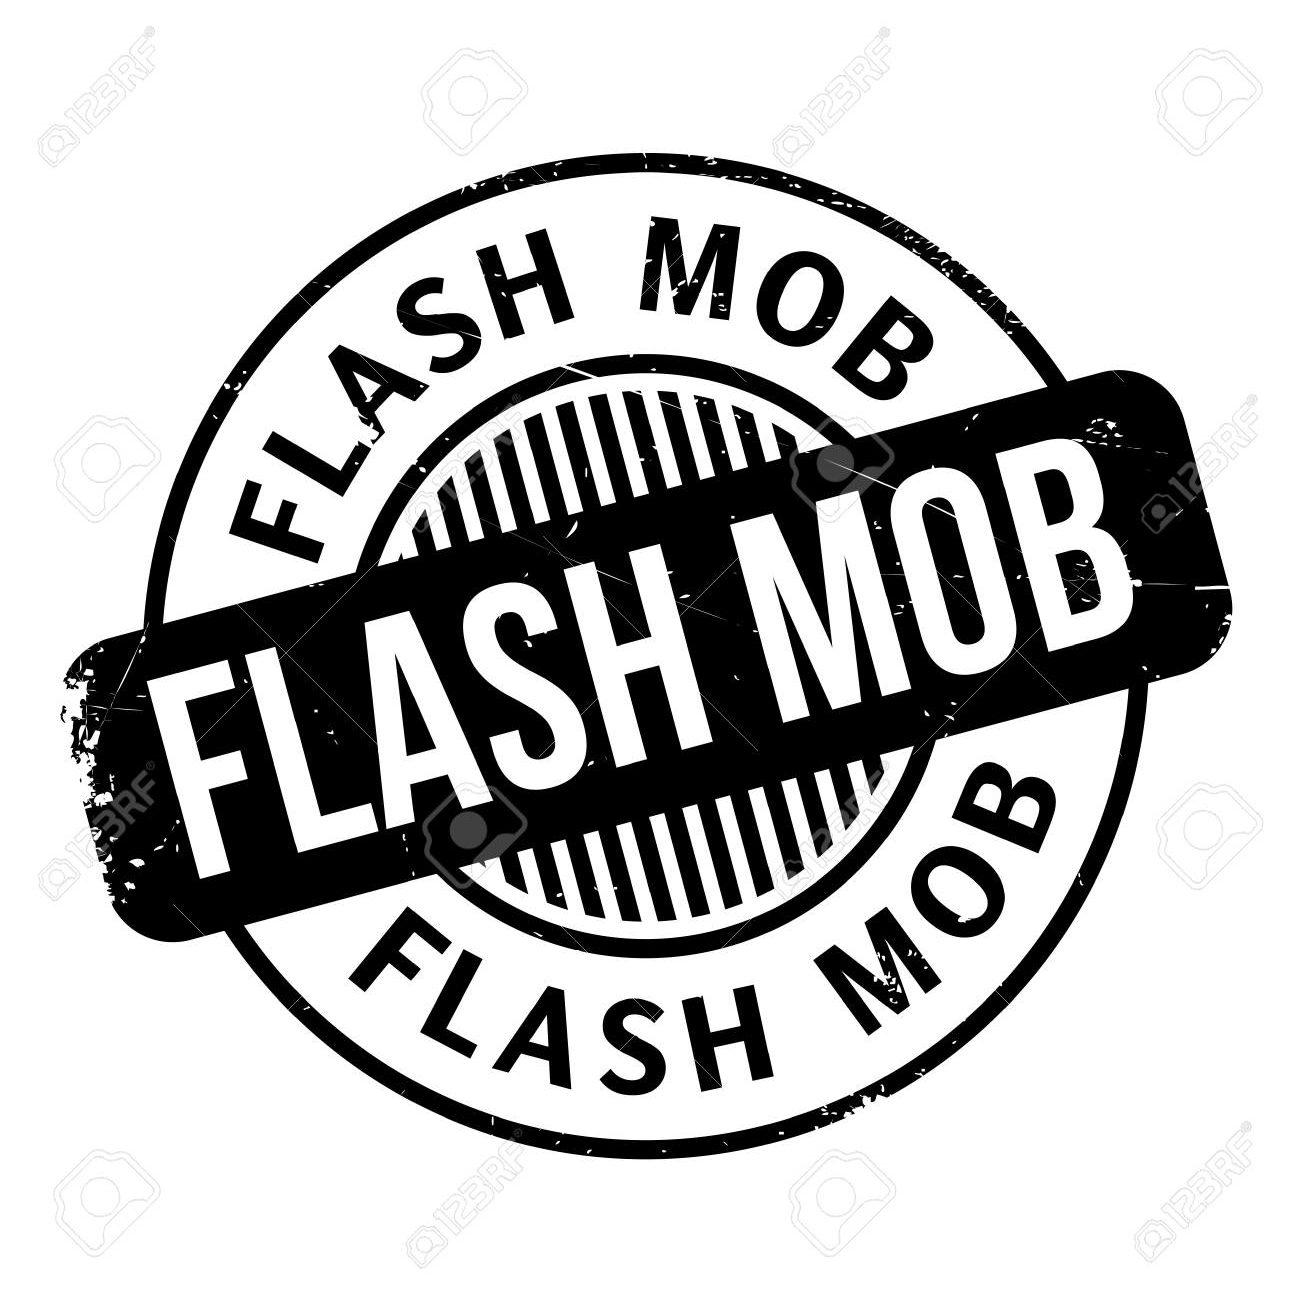 73057519-tampon-en-caoutchouc-flash-mob-design-grunge-avec-rayures-de-poussière-les-effets-peuvent-être-facilemen.jpg